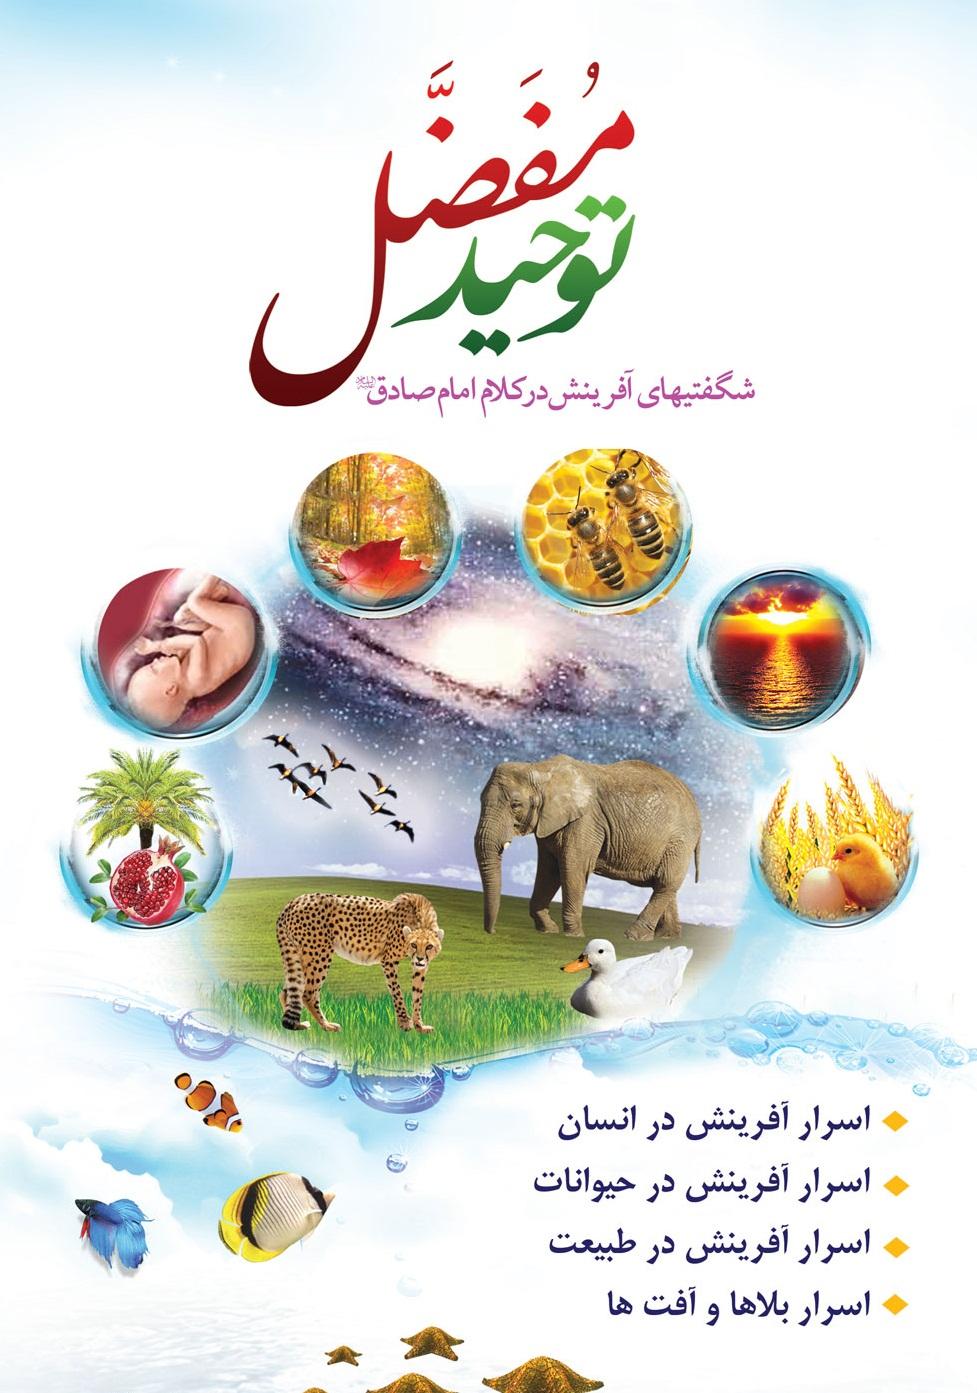 ayatmadari.ir-tohide mofazzal